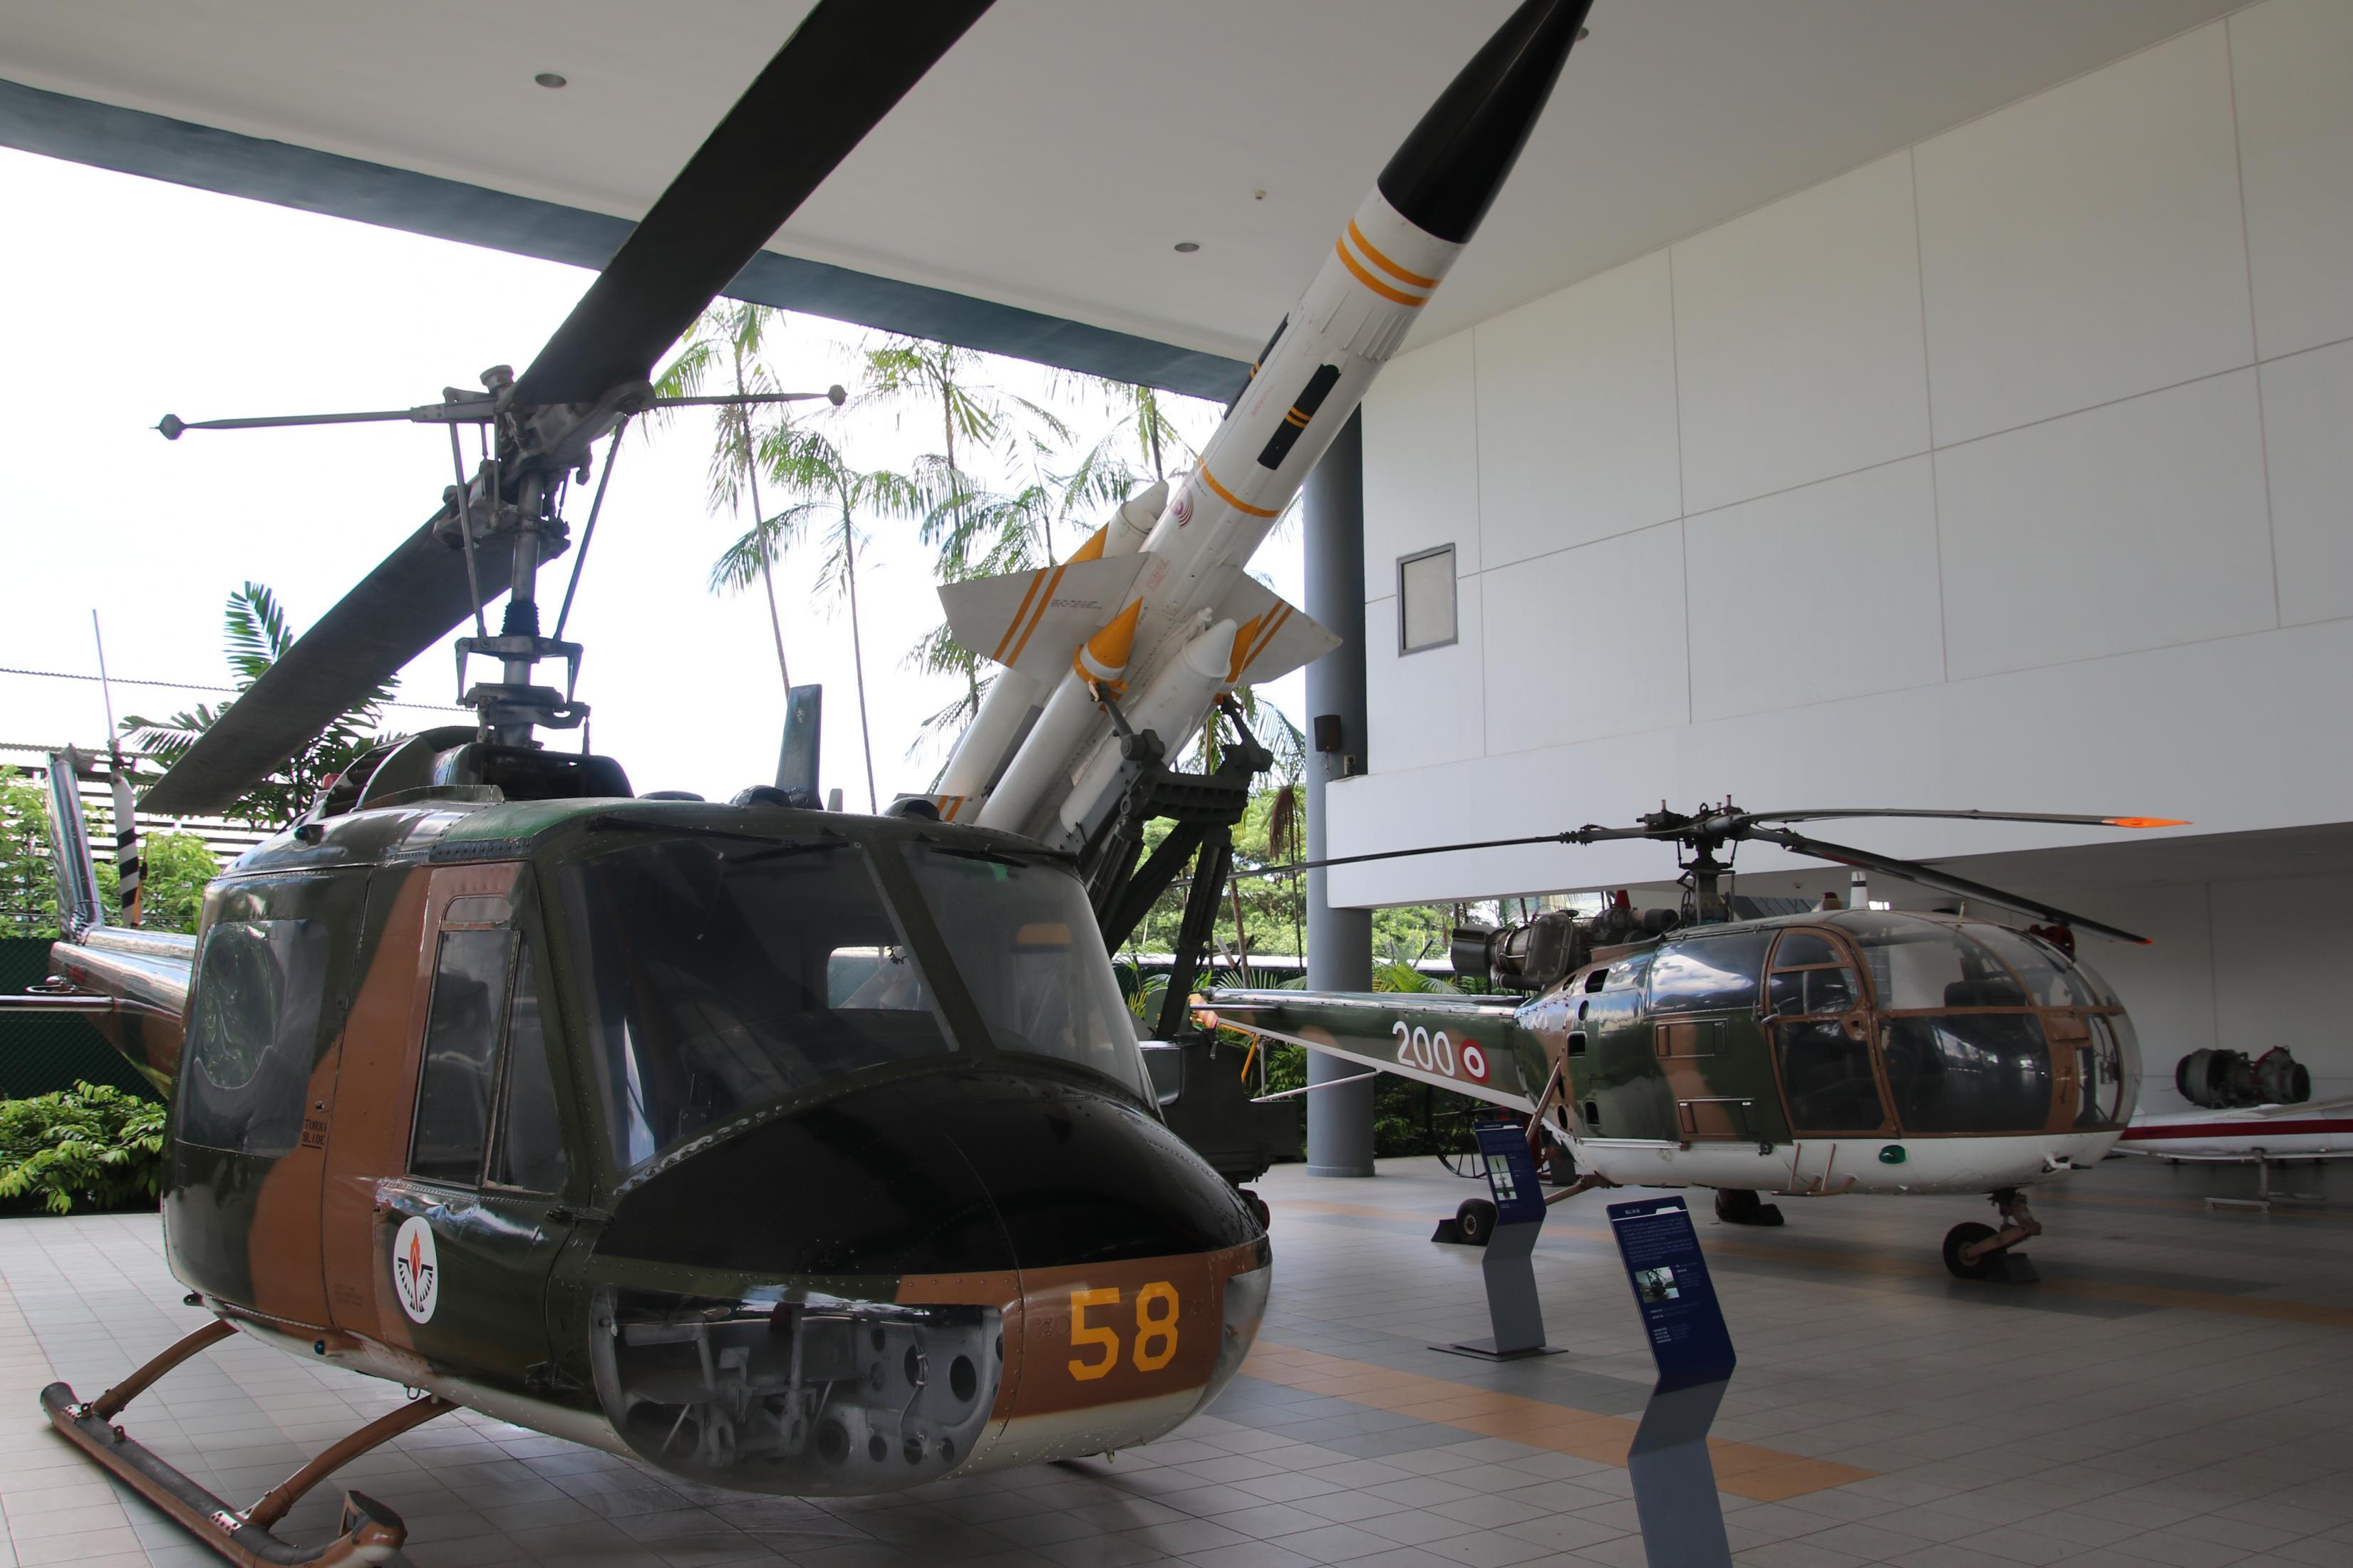 Naam: Singapore Air Force Museum at Paya Lebar 12.jpg Bekeken: 69 Grootte: 489,5 KB